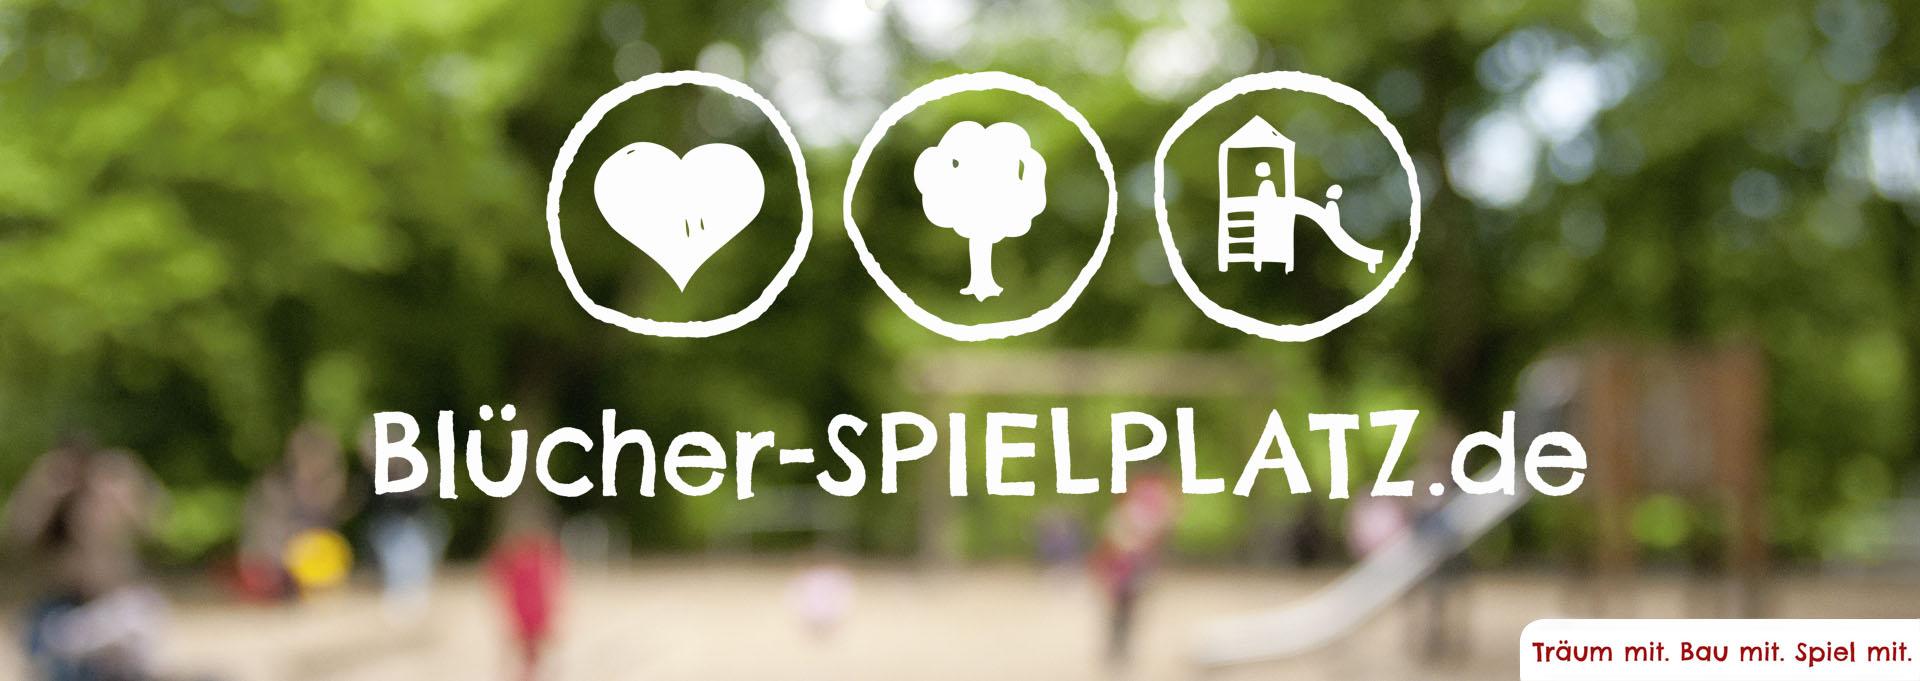 Blücher-SPIELPLATZ.de